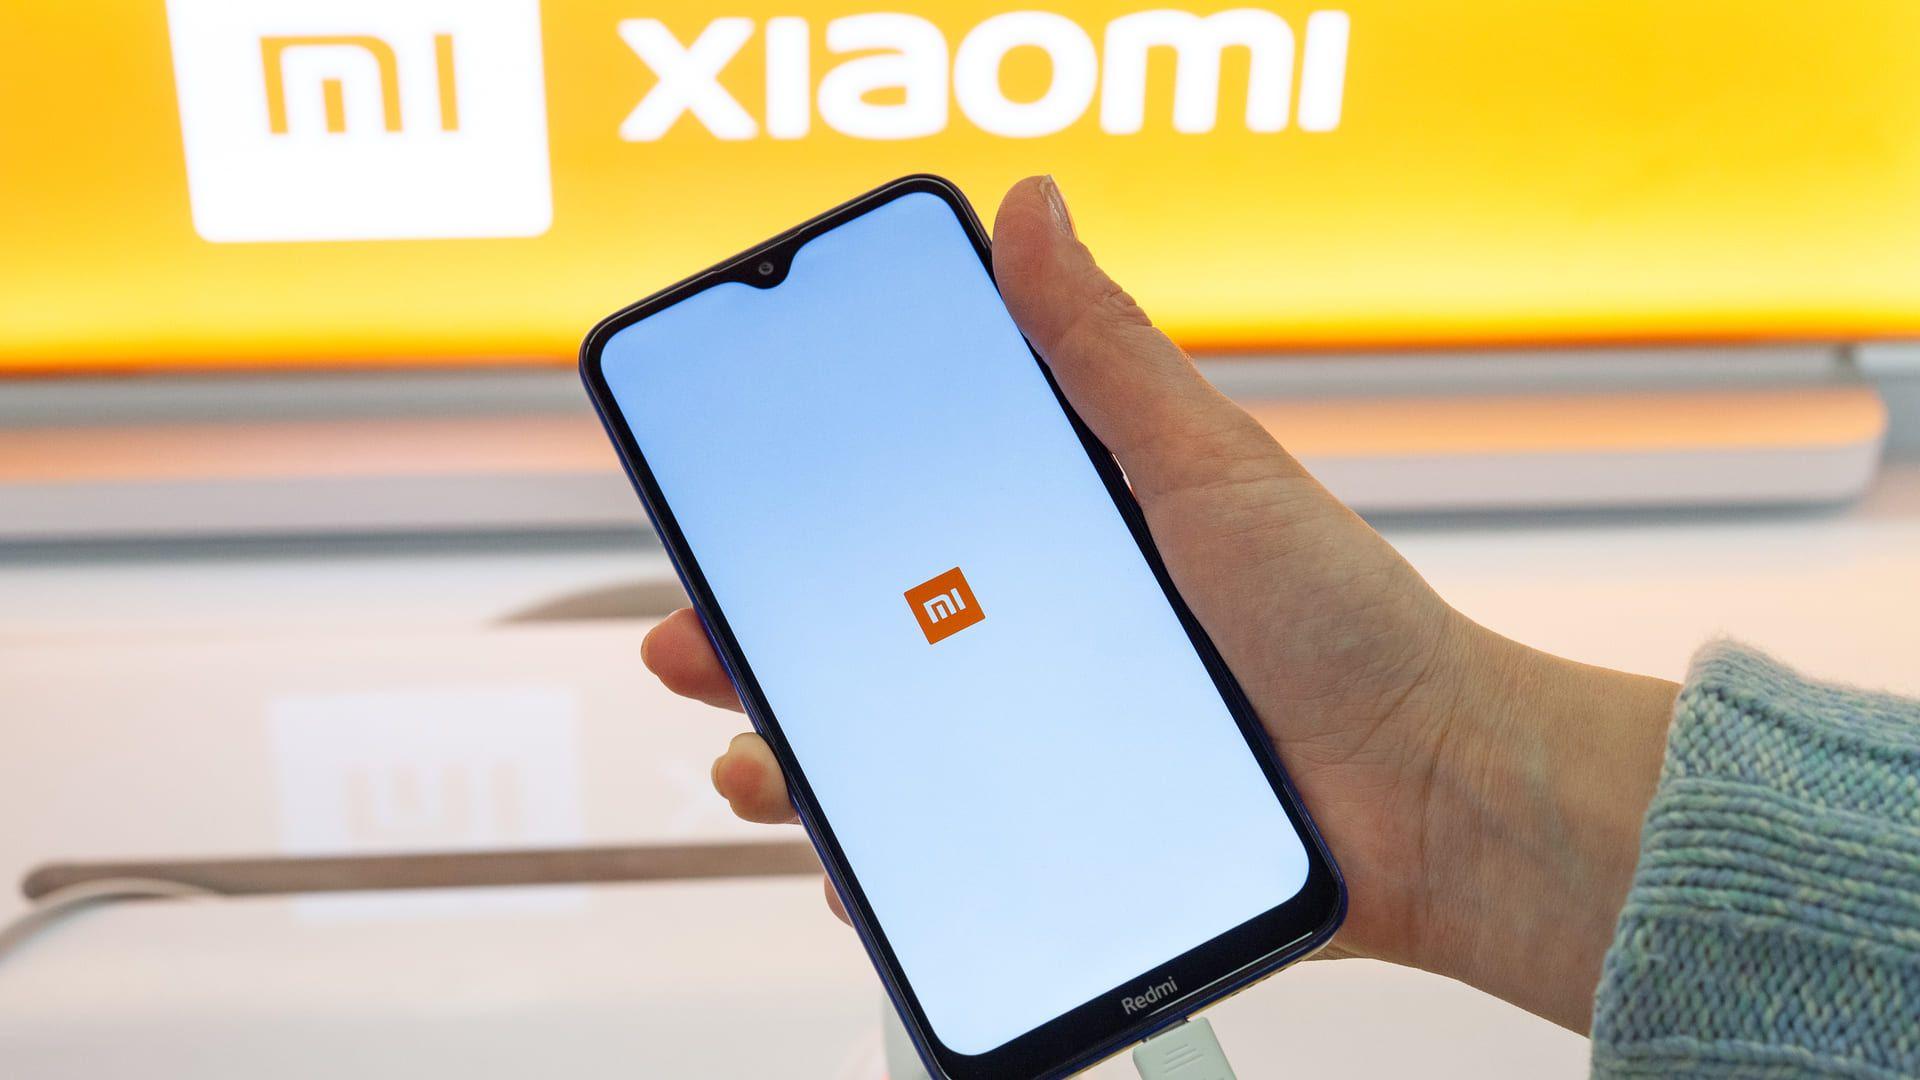 """Mão segurando celular Xiaomi com o símbolo """"Mi"""" ao fundo"""